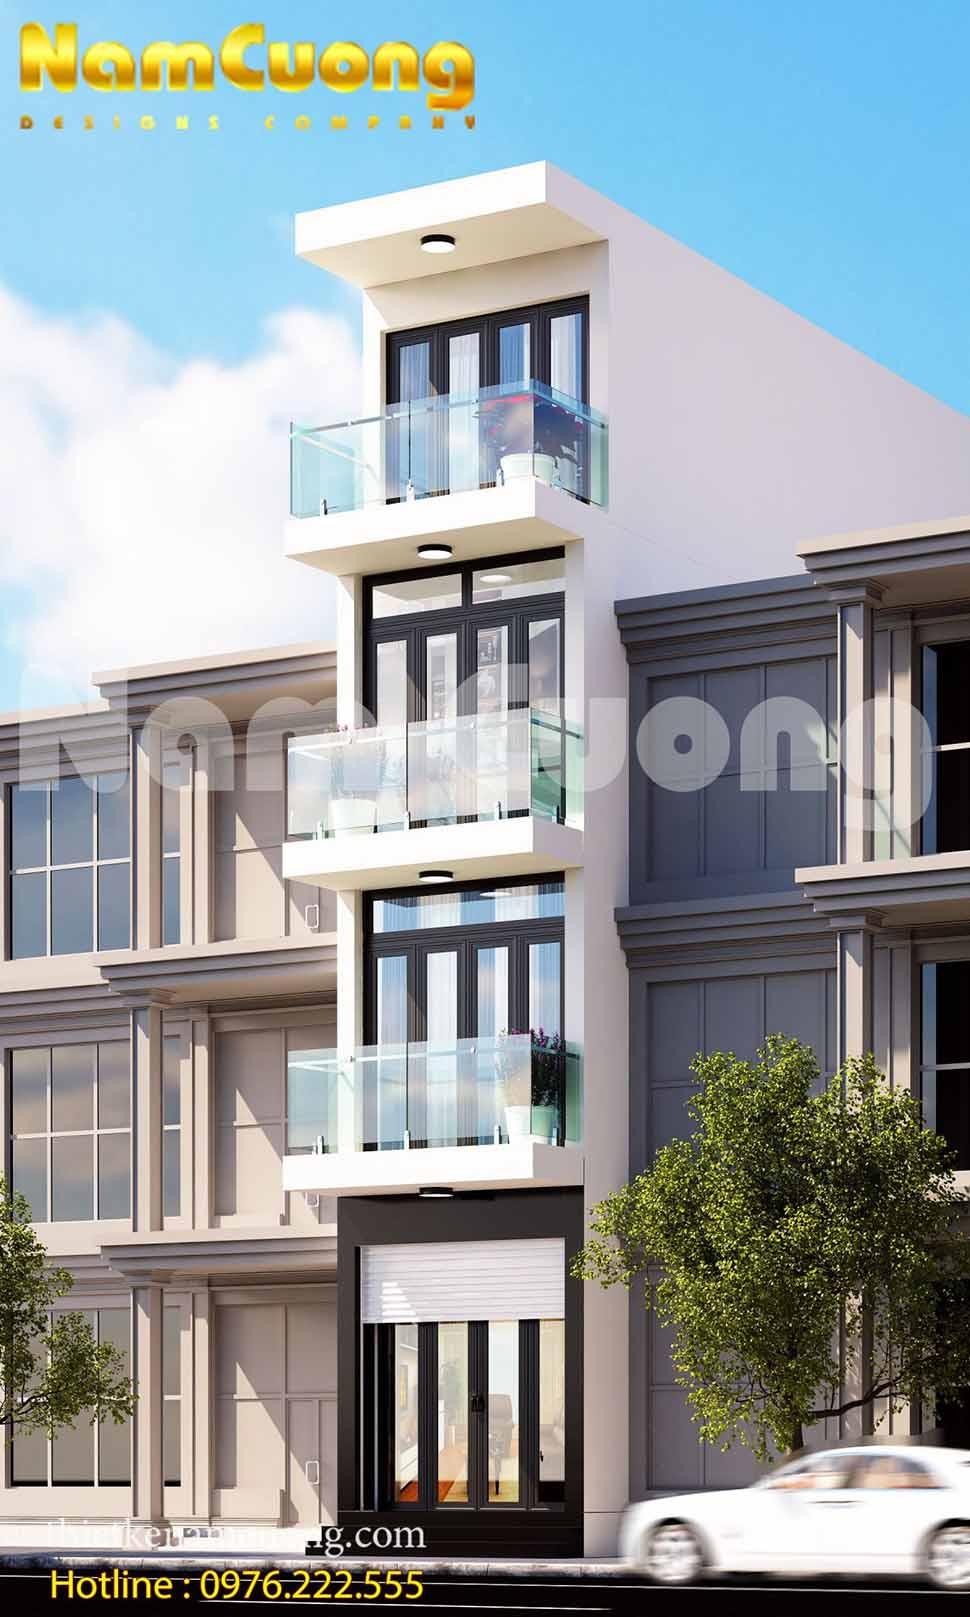 Mặt tiền công trình nhà nhỏ đẹp 40m2 phong cách hiện đại tại Hải Phòng